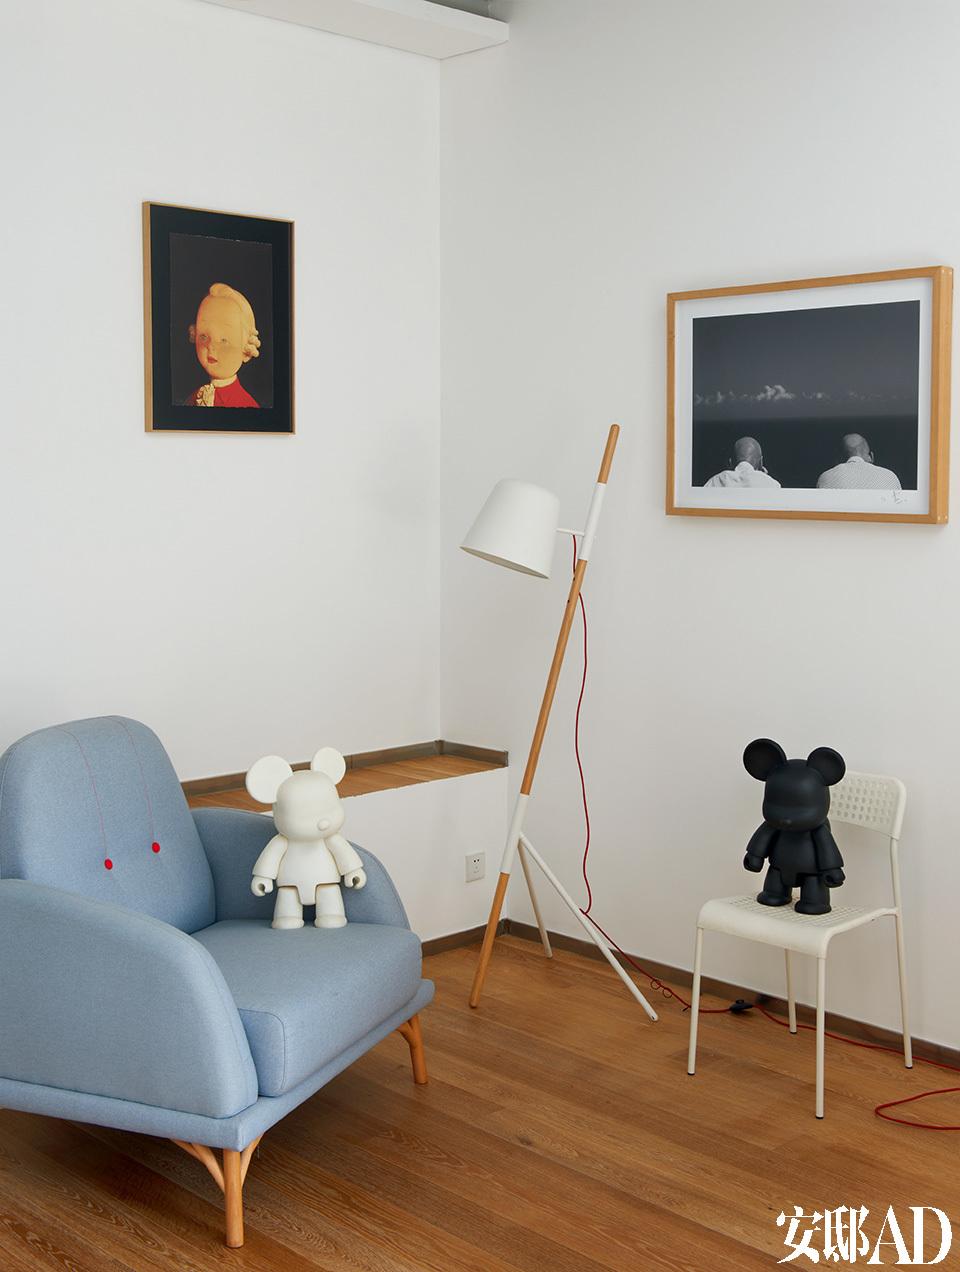 """楼上卧室区,单人扶手沙发来自本土设计师品牌""""吱音"""", 落地灯是北欧设计师的作品,购自德国。左侧的画作是刘野的《小小莫扎特》,右侧的摄影作品来自高鸣。"""